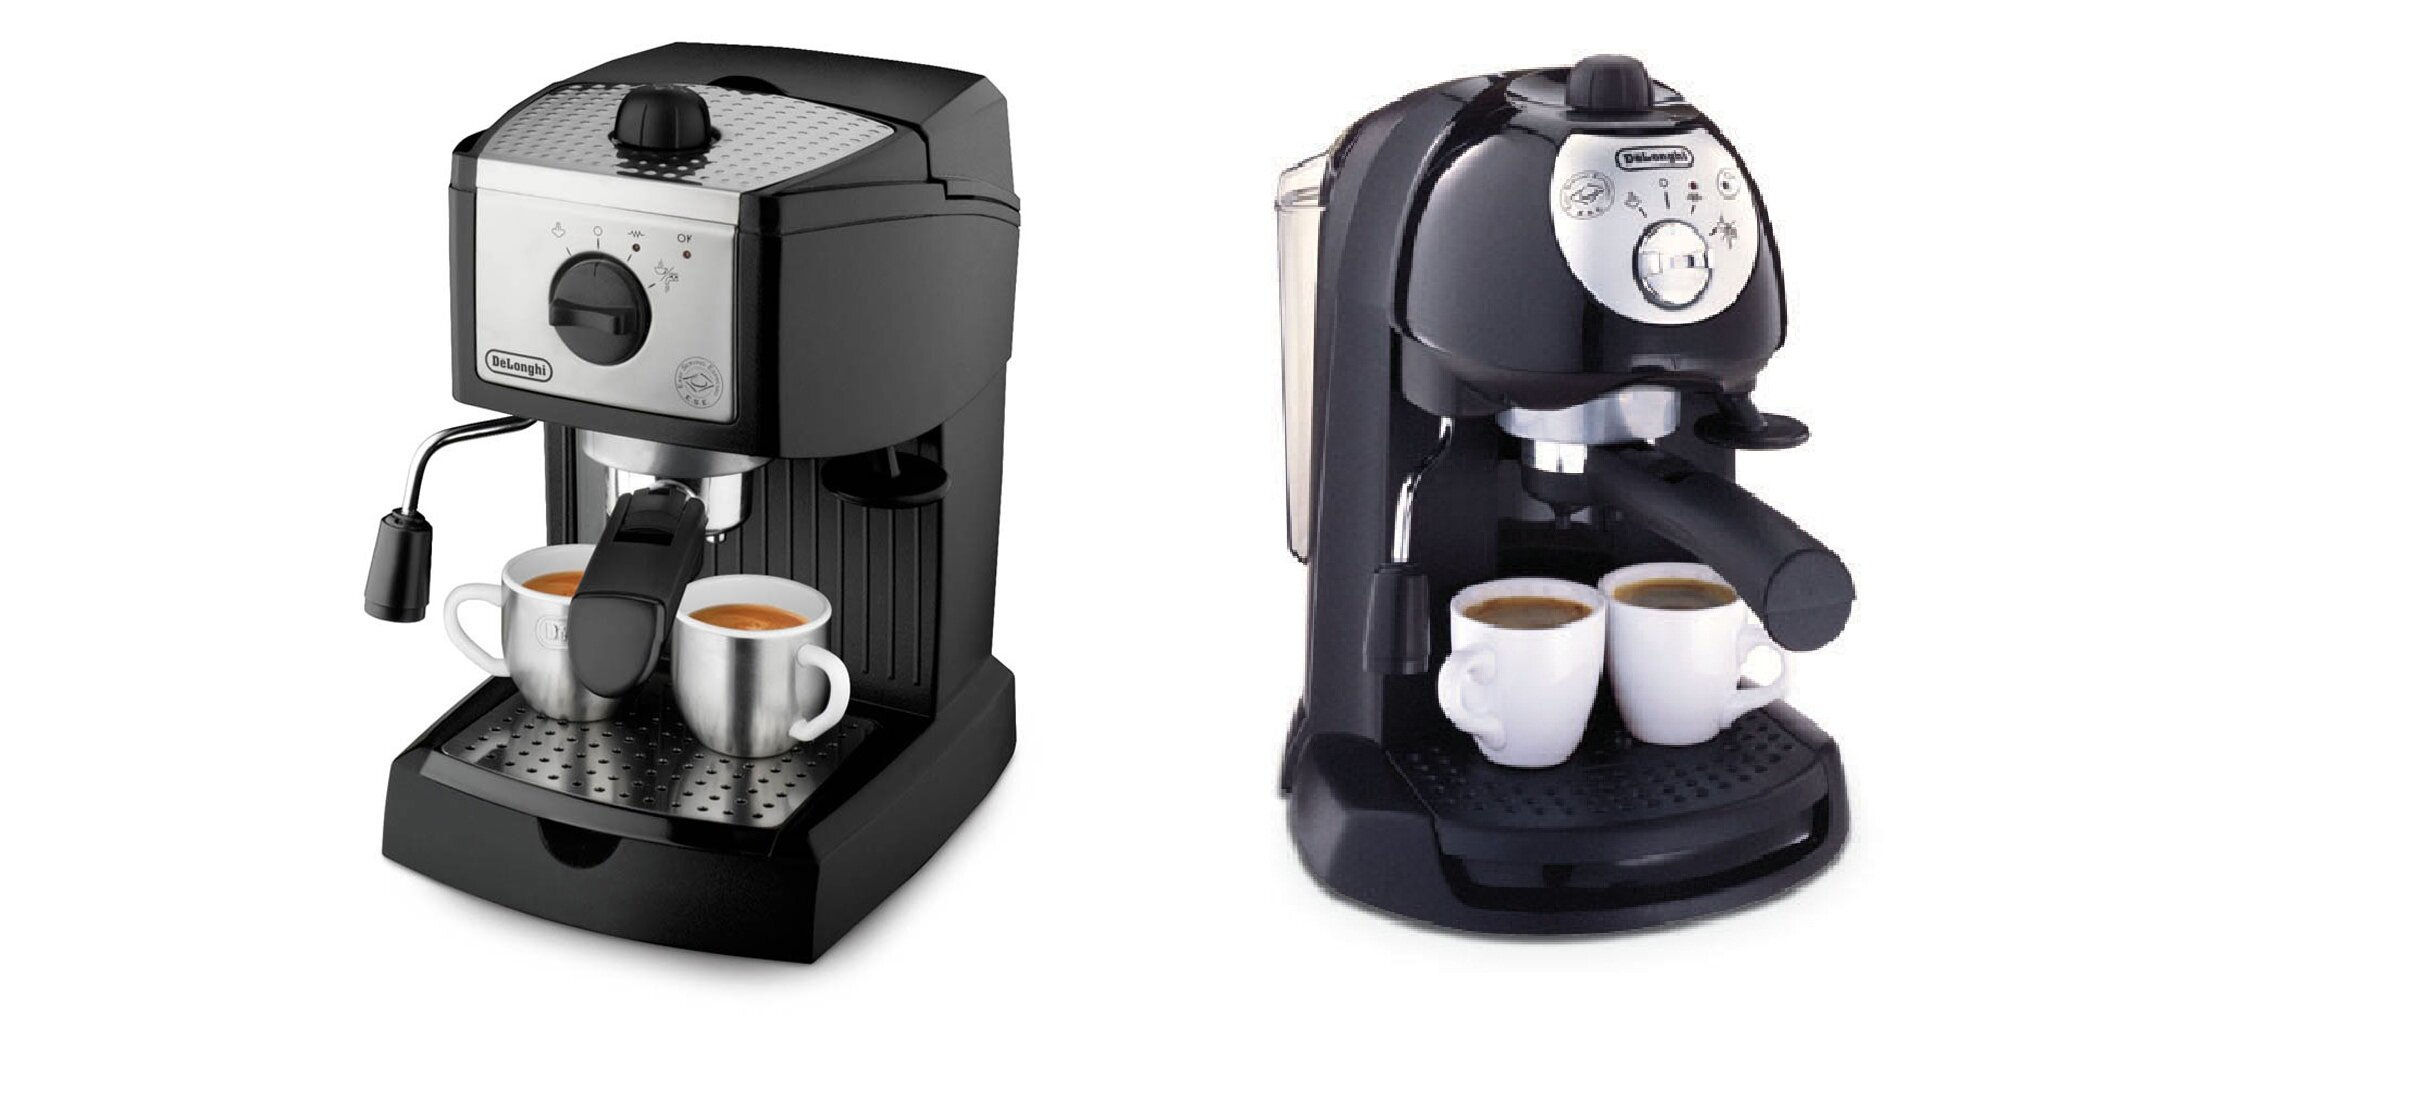 Cuộc chiến giữa máy pha cà phê DeLonghi EC155 và DeLonghi Bar 32?